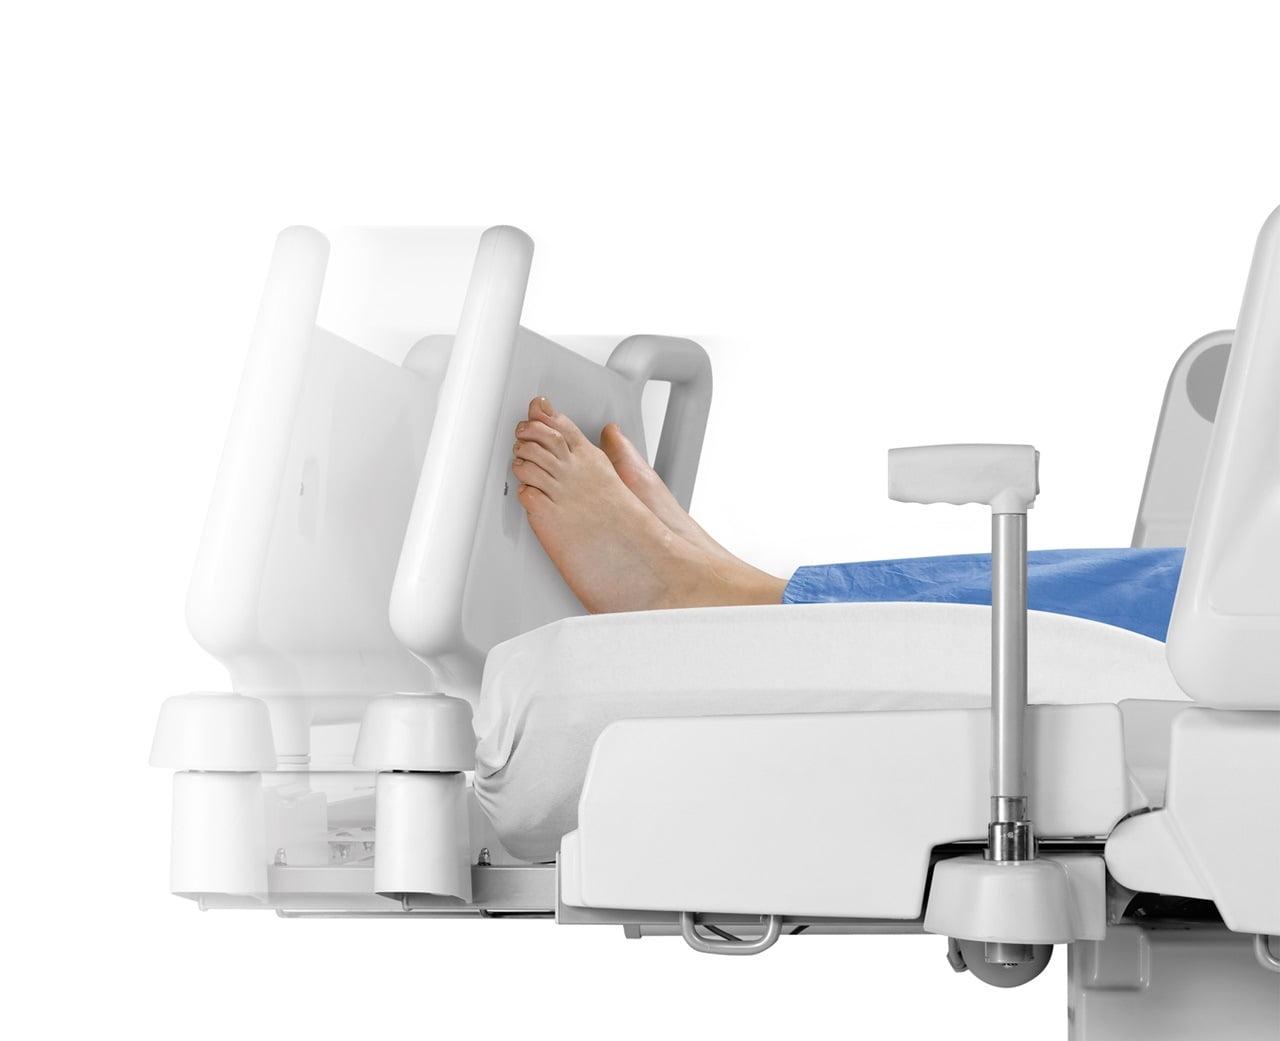 Multicare intensivseng med terapifunktioner - elektrisk sengeforlænger